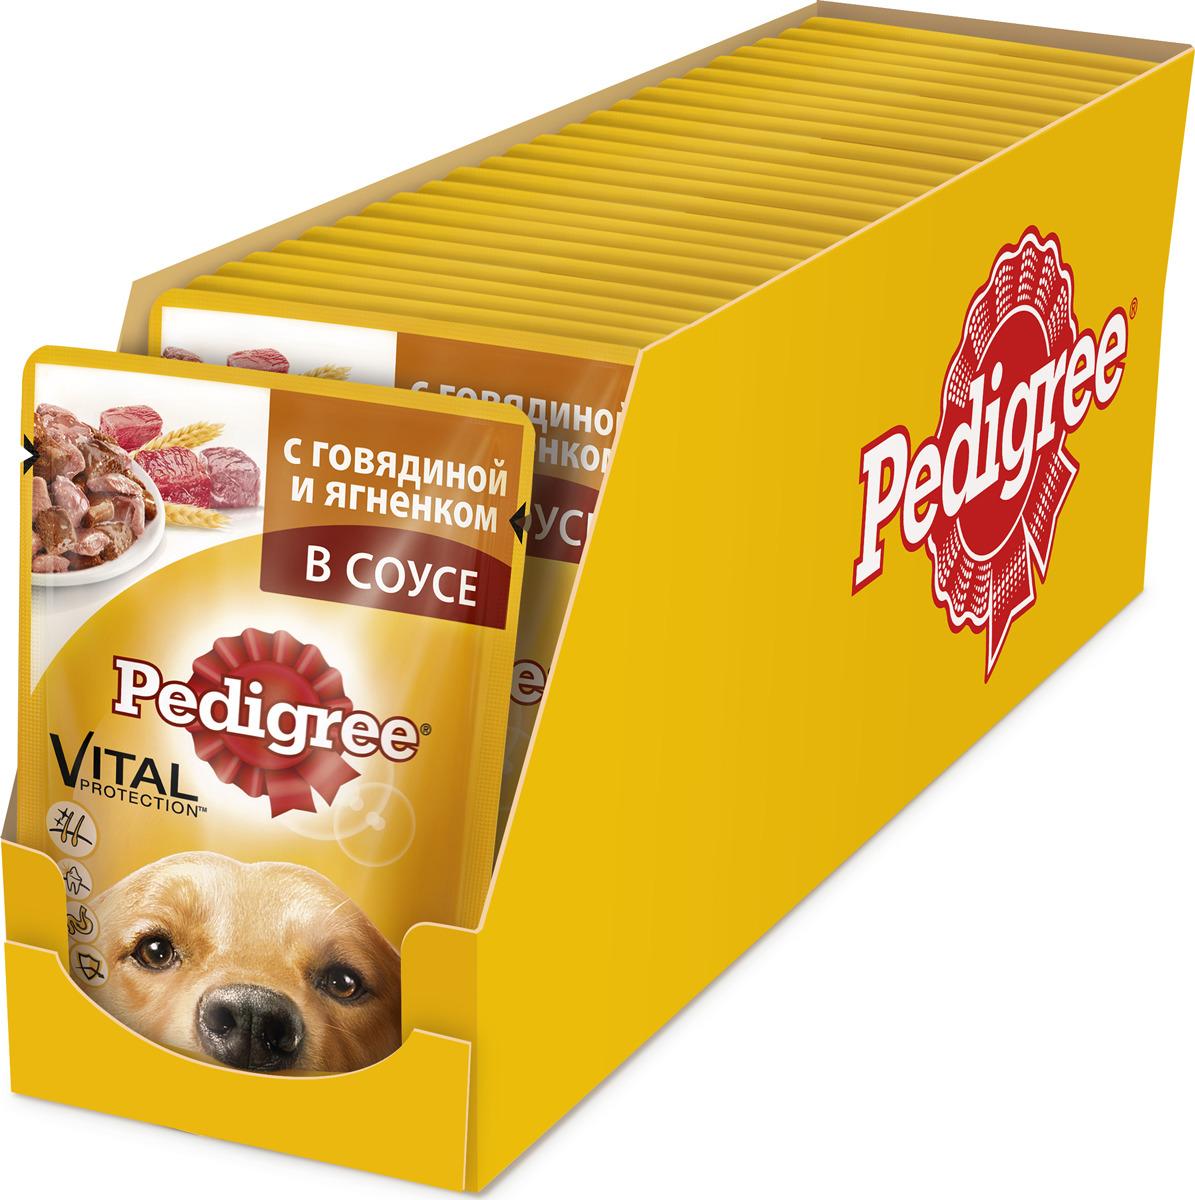 """Консервы """"Pedigree"""" для взрослых собак всех пород, с говядиной и ягненком в соусе, 100 г, 24 шт"""